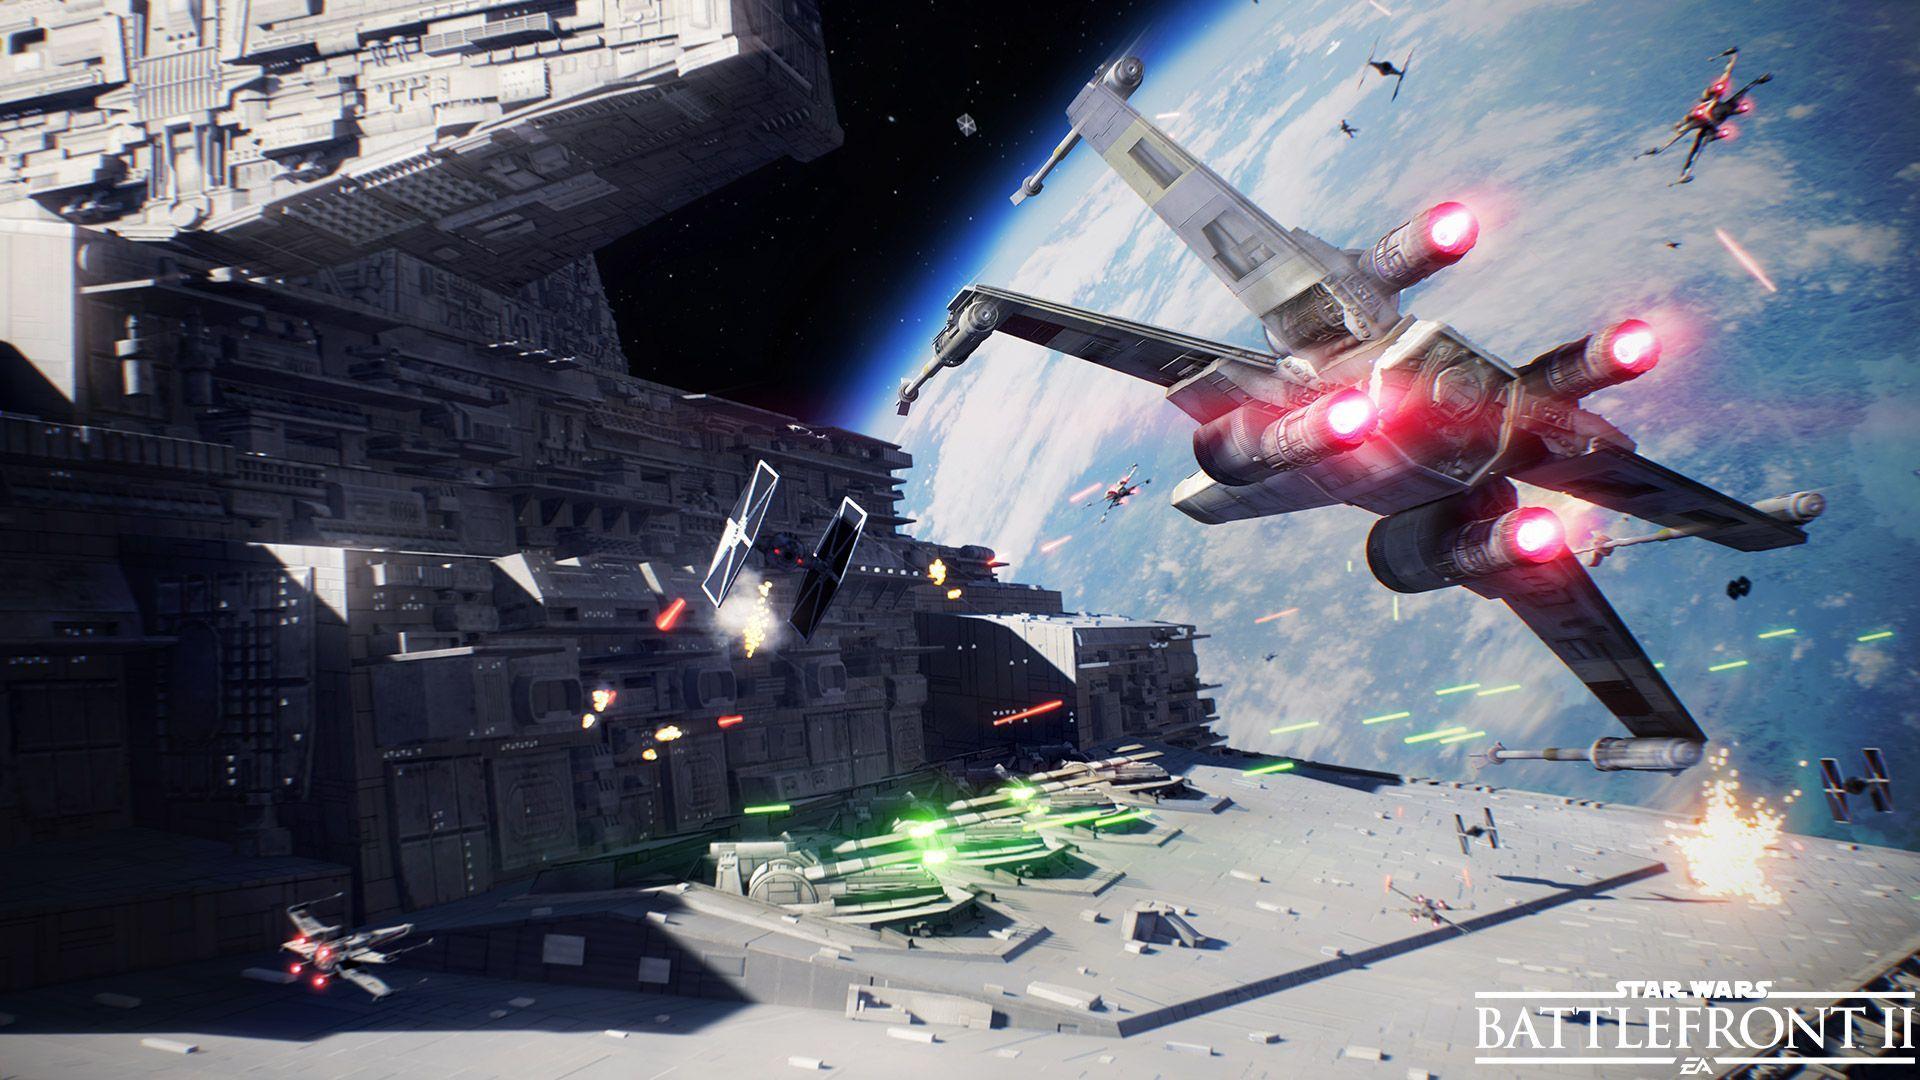 Avengers Endgame Full Stream Free Online Star Wars Battlefront Wallpaper 4k